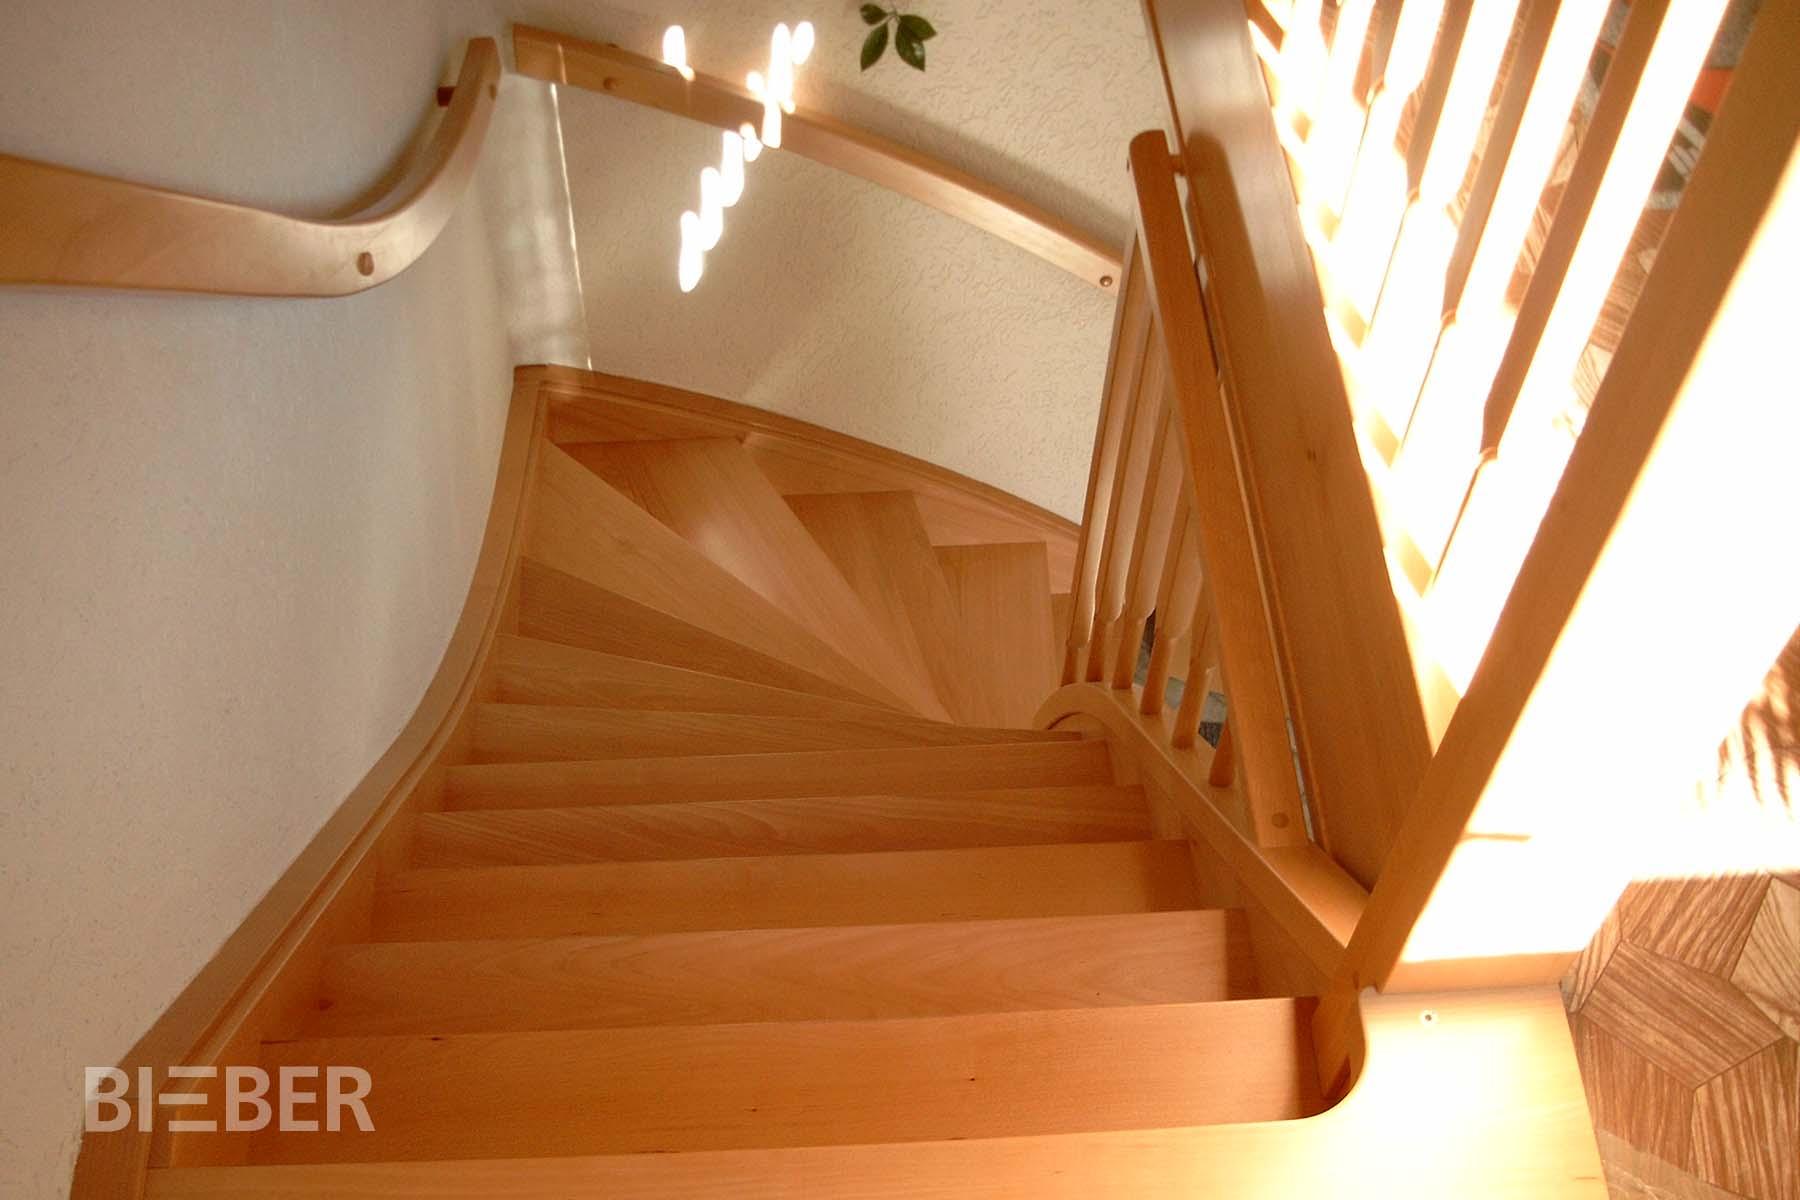 Viertelgewendelte Massivholztreppe in Buche ohne Setzstufen, mit Wandhandlauf, Geländer Rechteckstäbe mit angedrehten Zapfen, Projekt: Hainichen